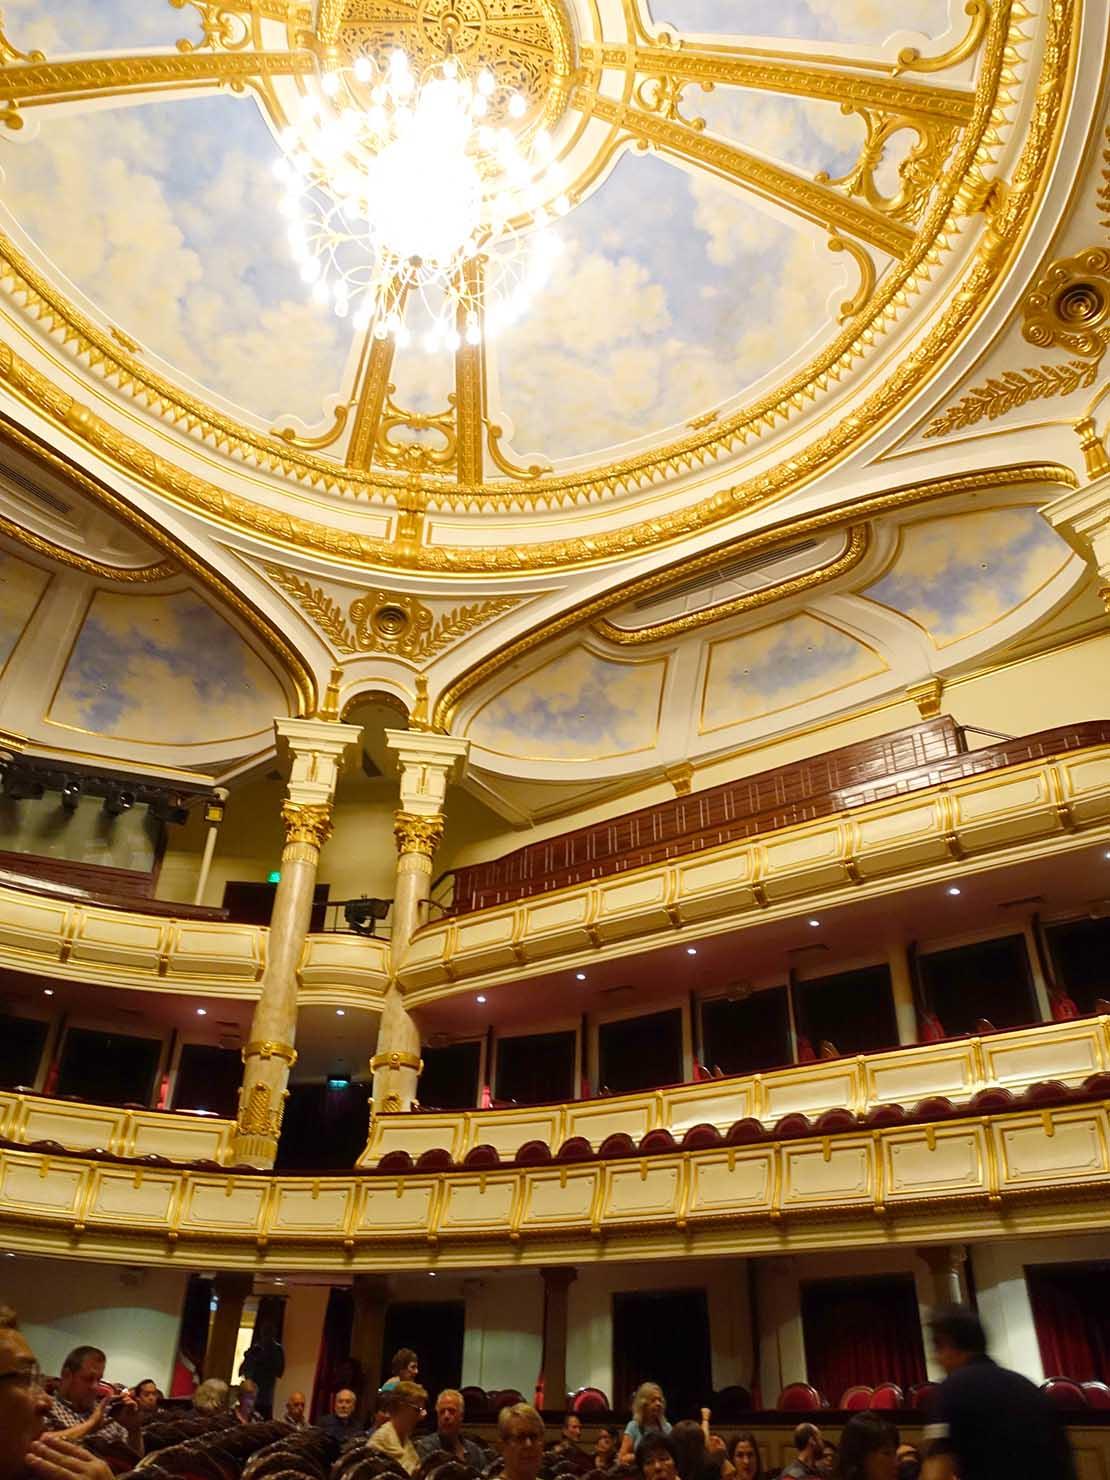 ベトナム・ハノイ旧市街の観光スポット「オペラハウス」のホール天井